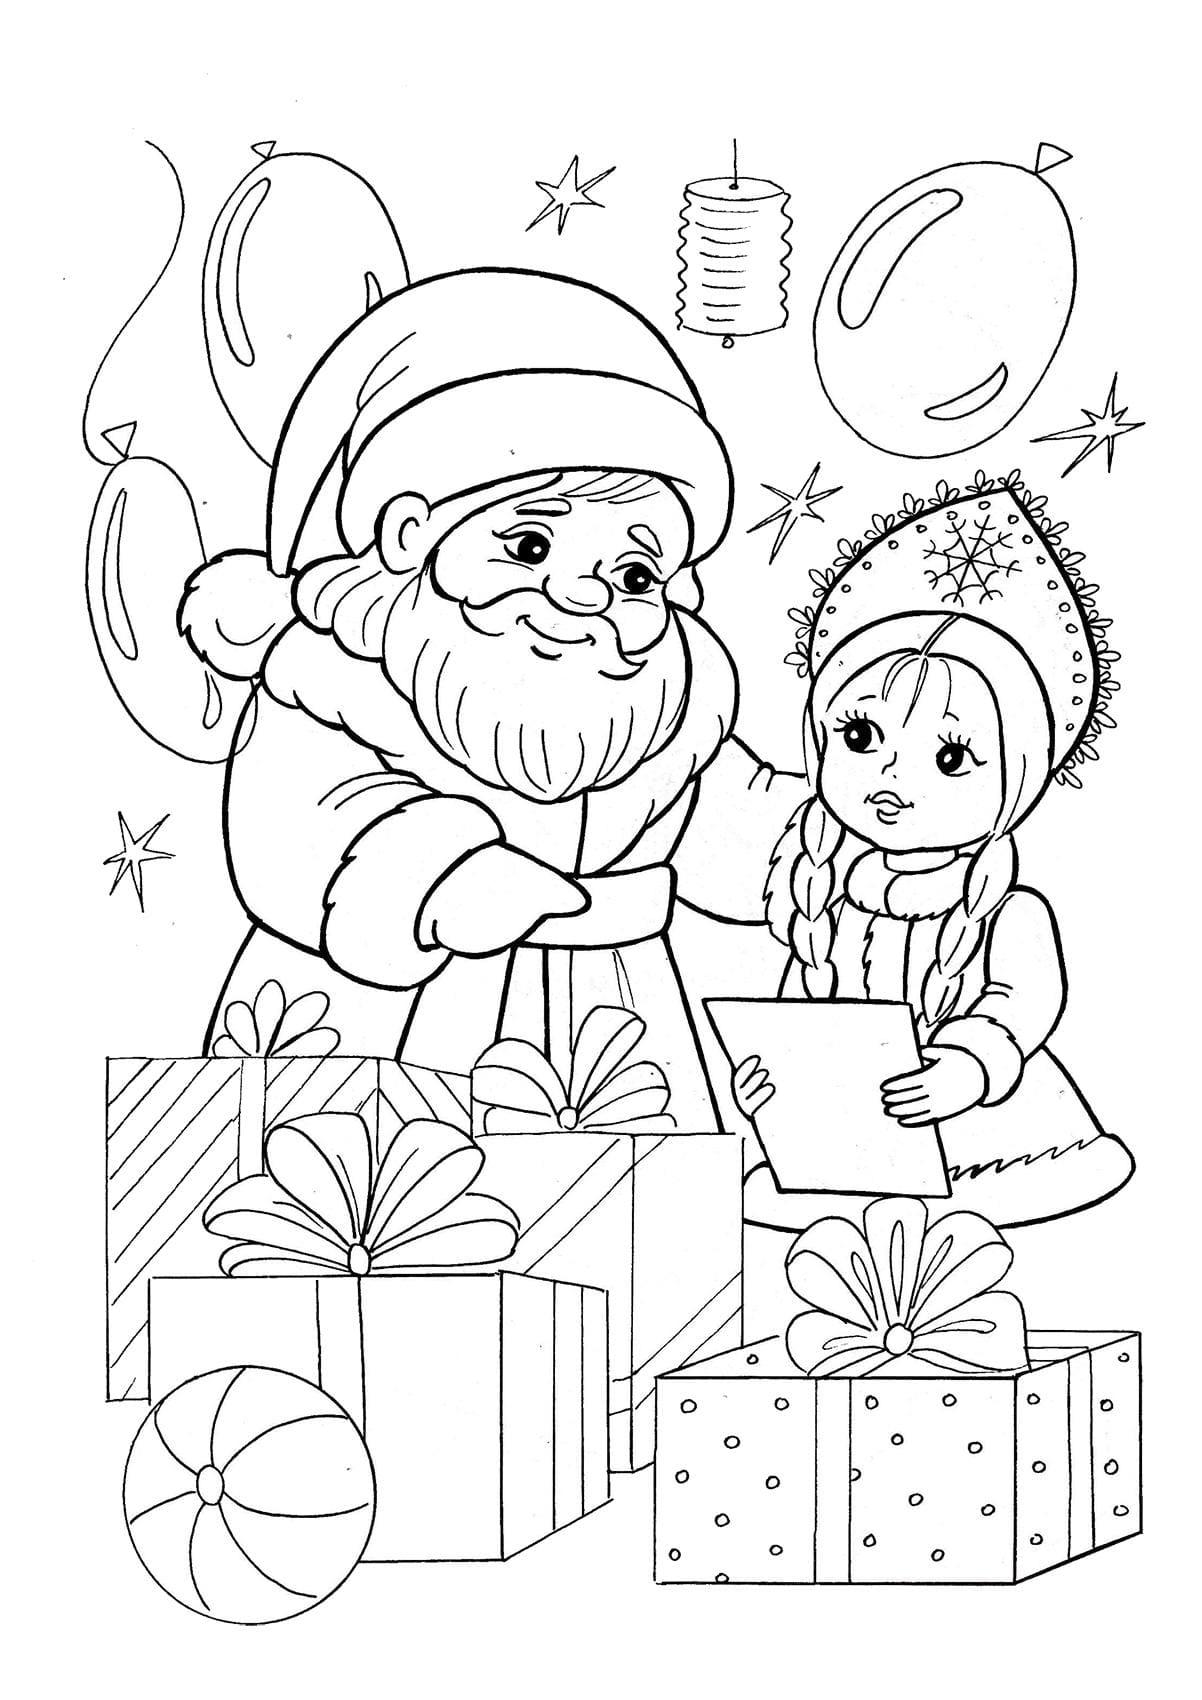 Раскраски дед мороз и снегурочка для детей, косичками